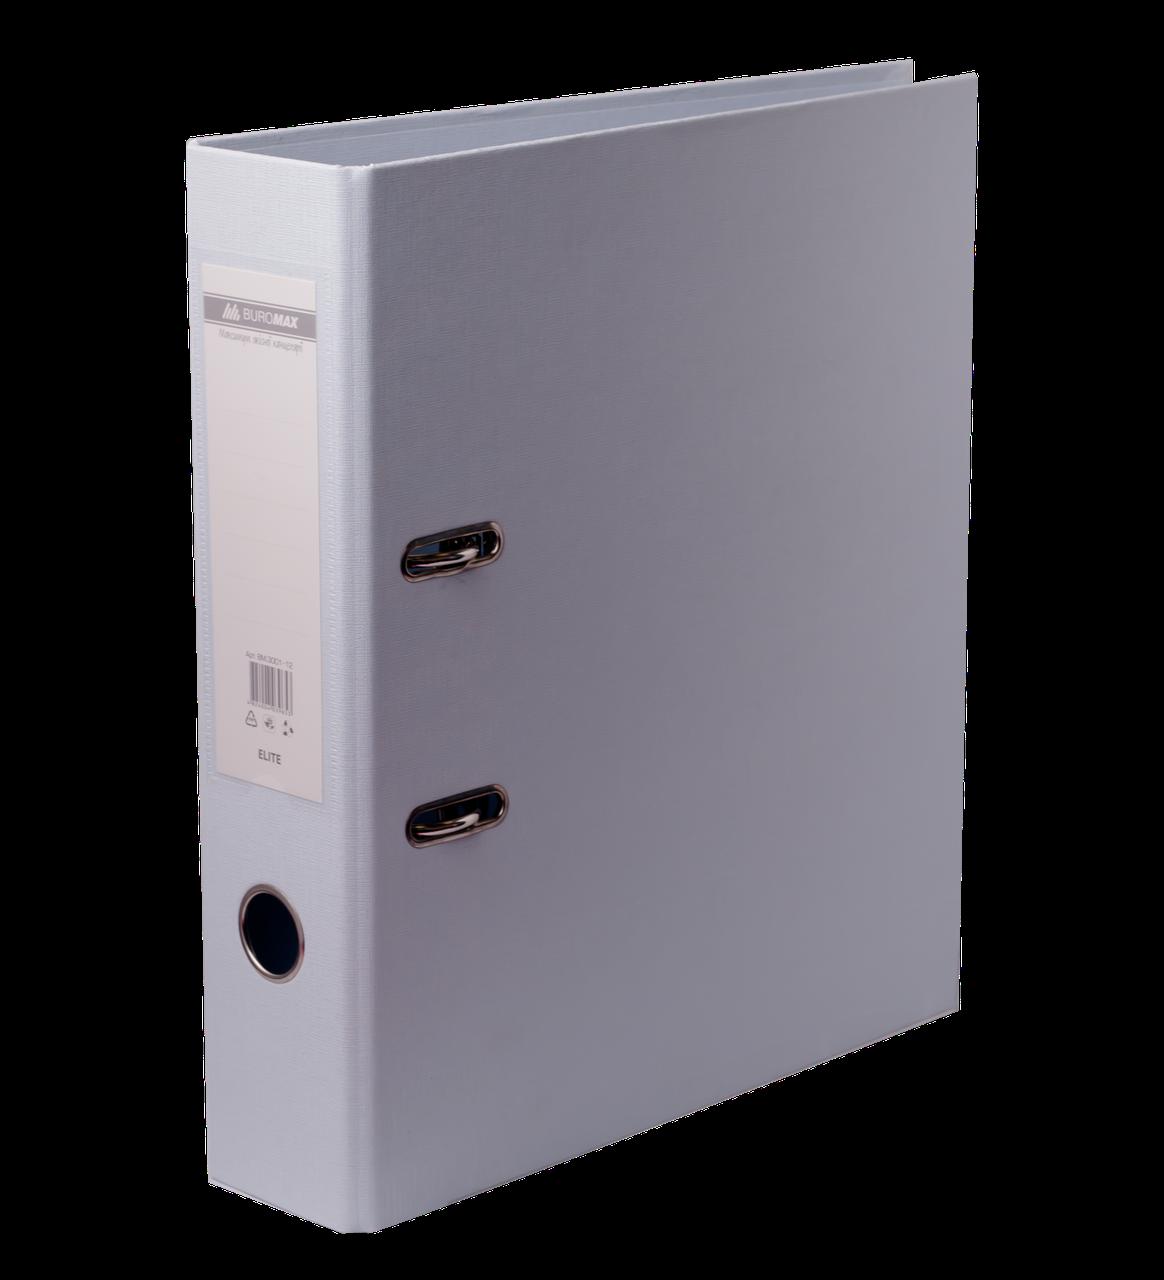 Папка регистратор ELITE двусторонняя A4, 70 мм, белая